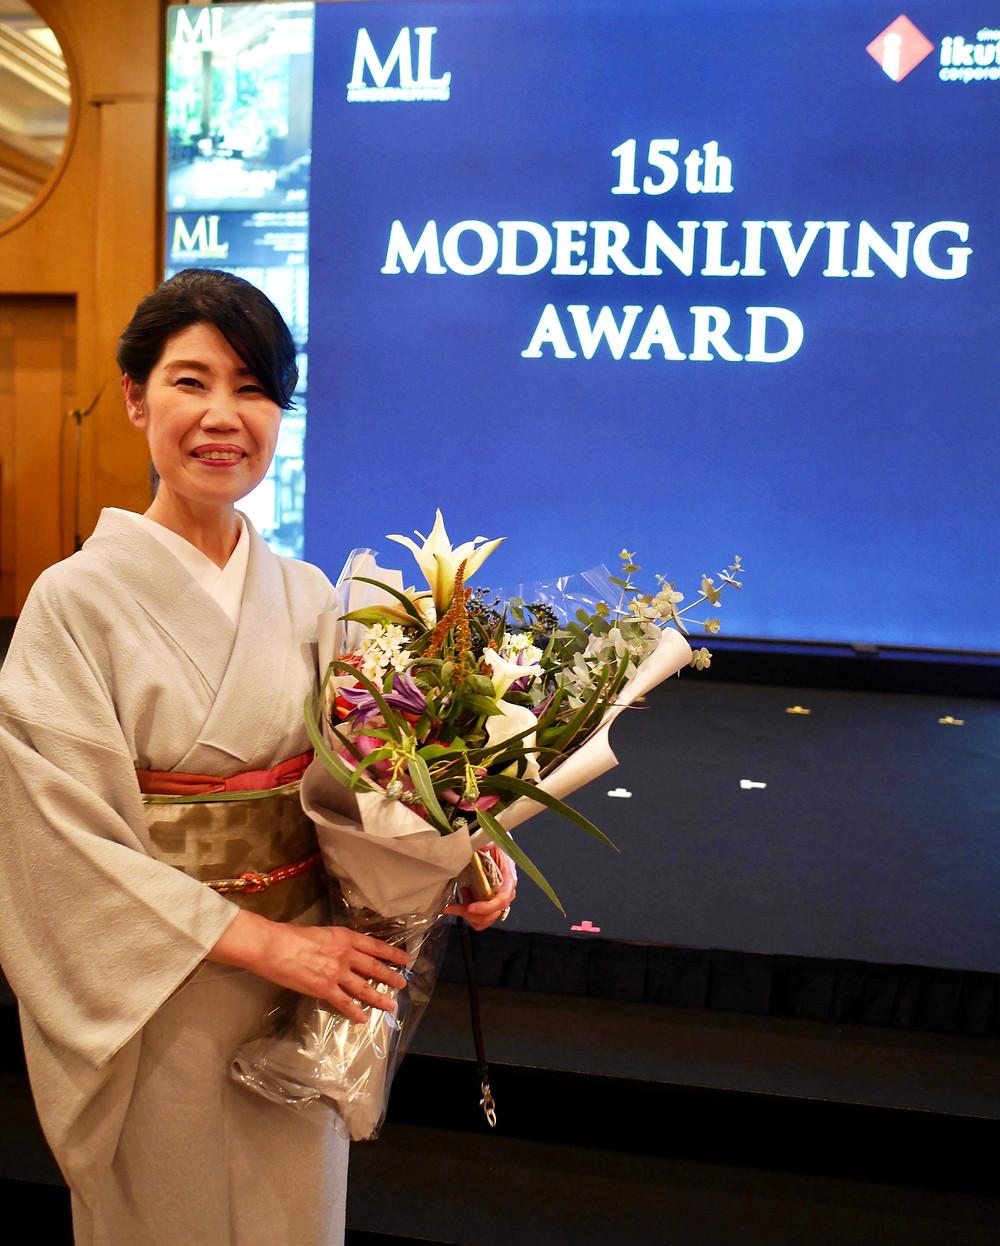 花束のプレゼント。モダンリビング のノミネートを祝っていただきました!